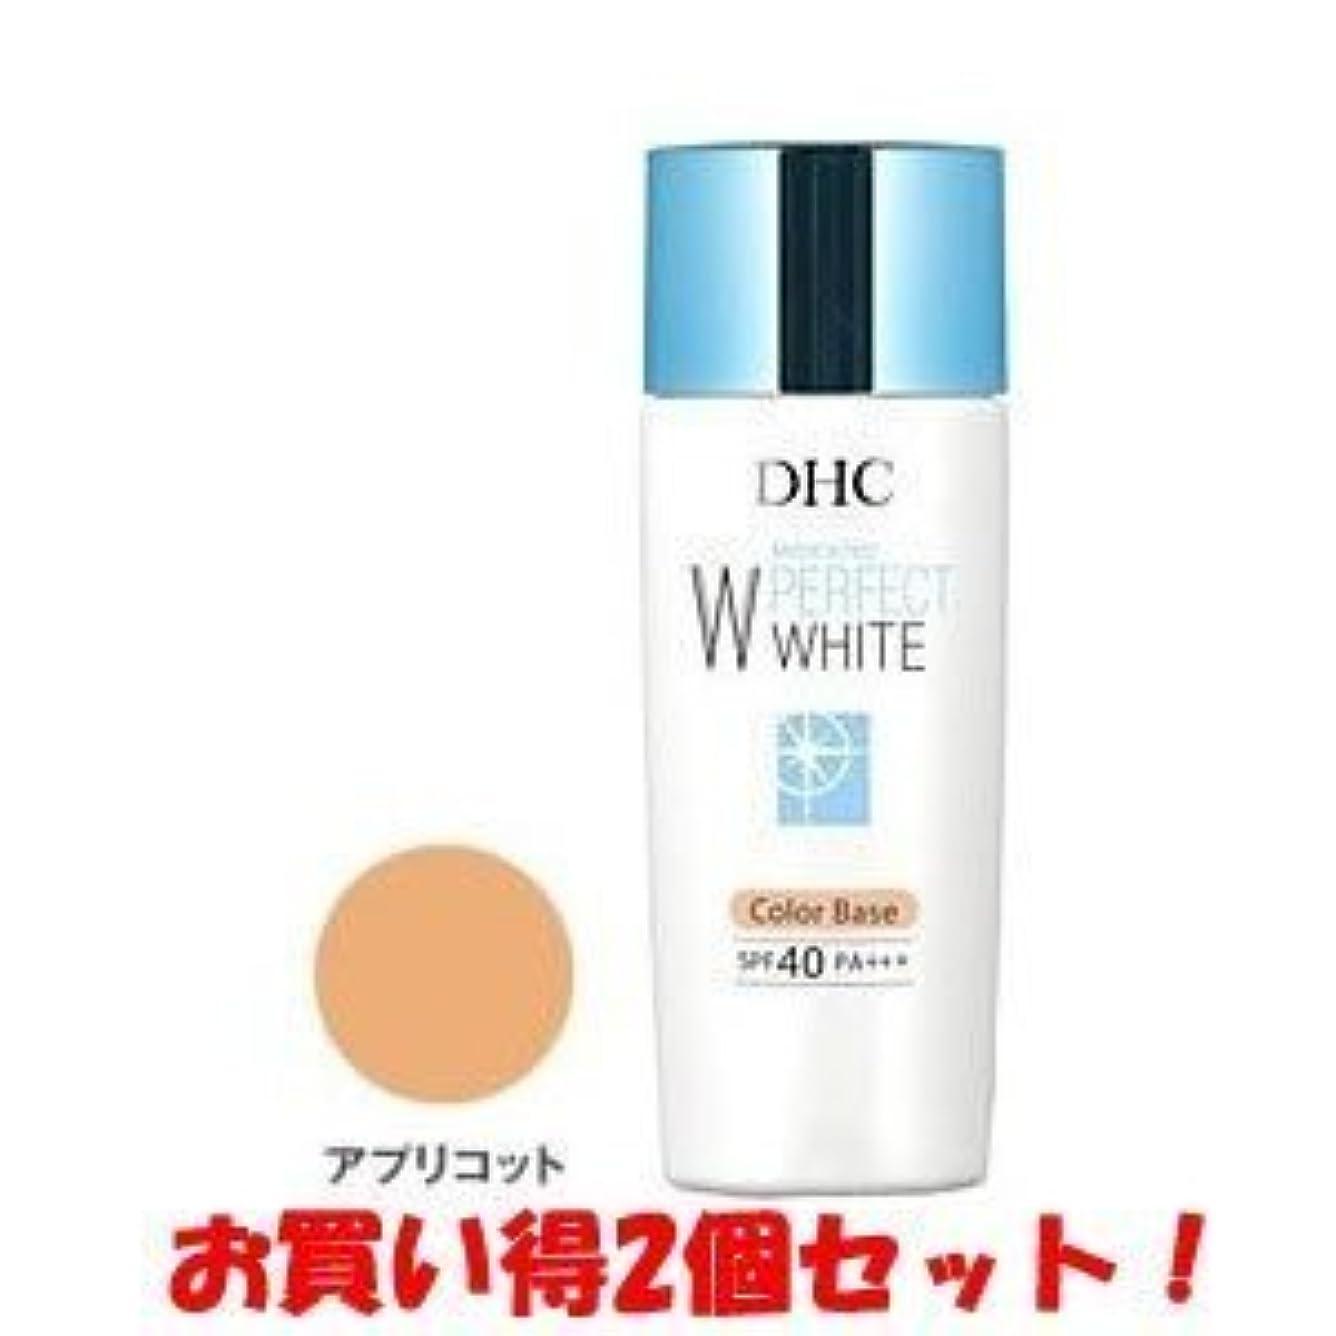 もっともらしい比喩確かなDHC 薬用パーフェクトホワイト カラーベース アプリコット 30g(医薬部外品)(お買い得2個セット)